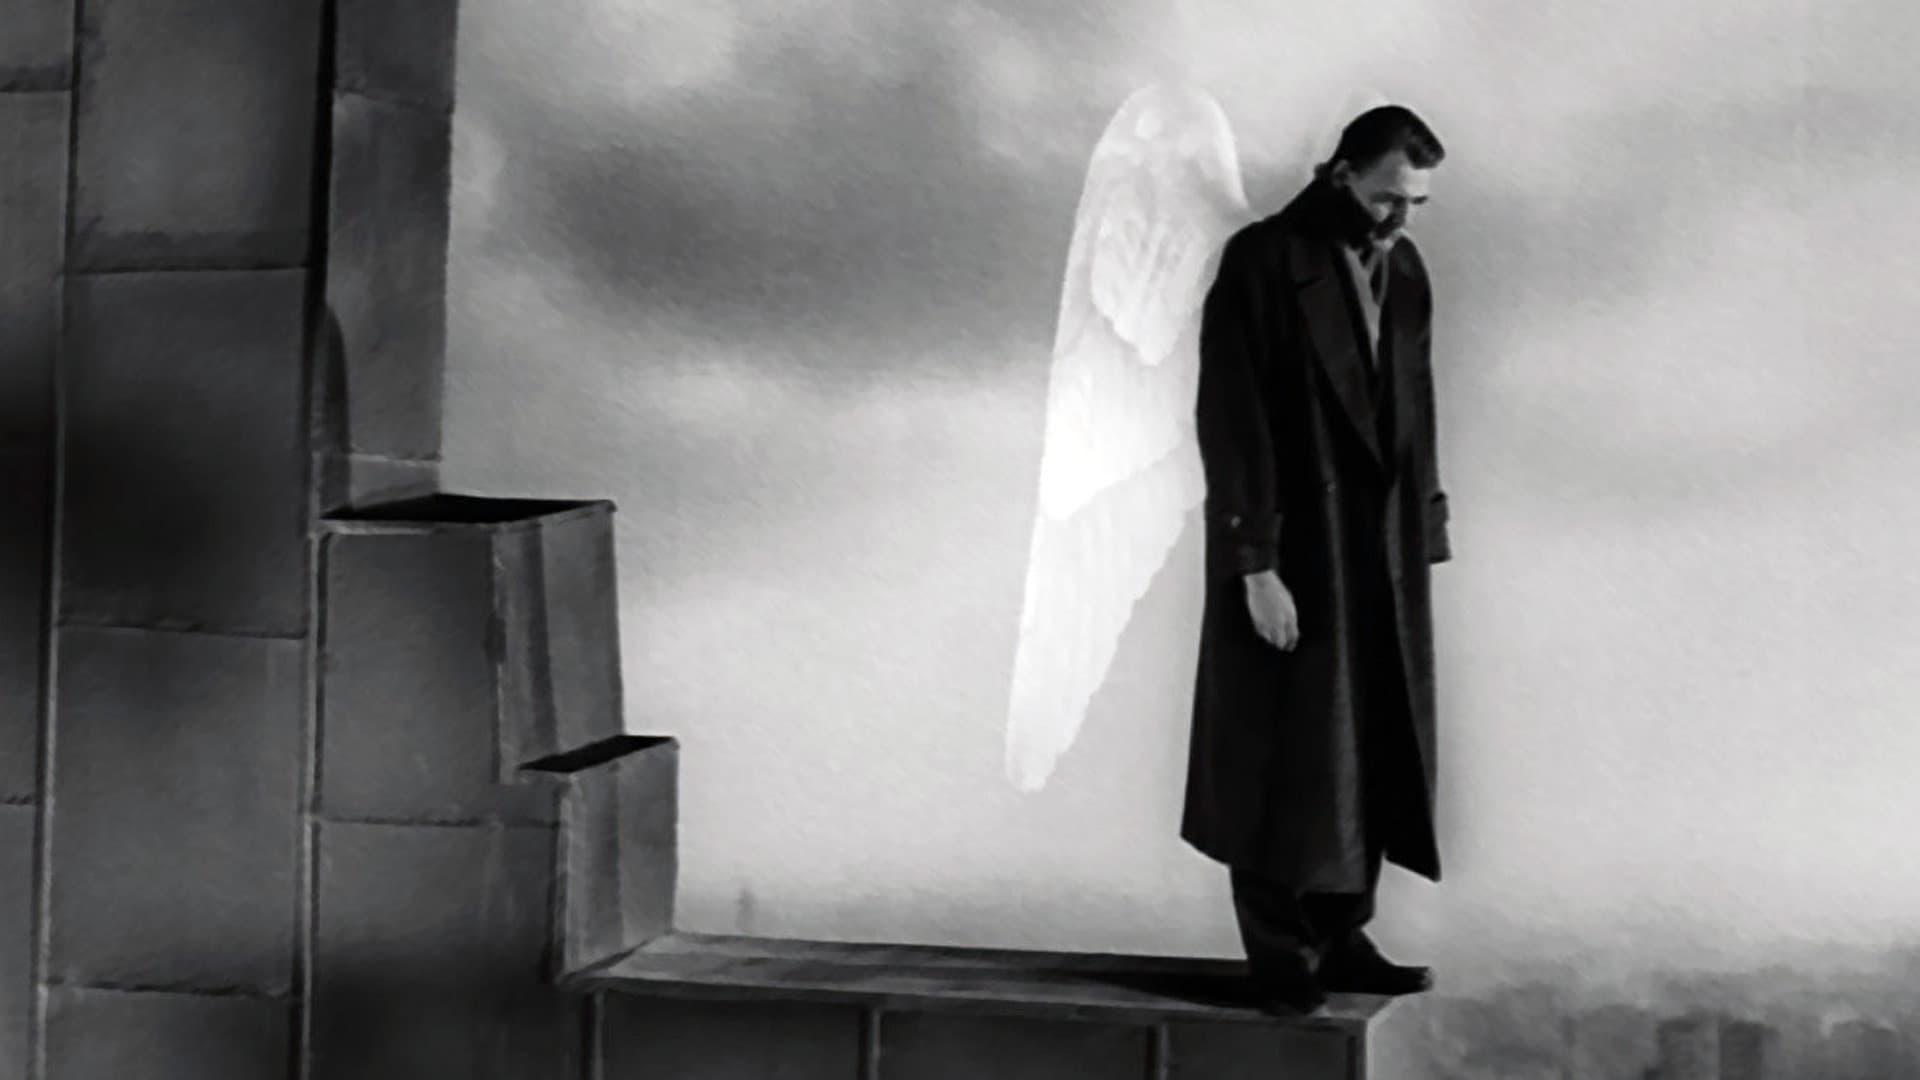 Addio a Bruno Ganz, ci lascia l'angelo de Il cielo sopra Berlino